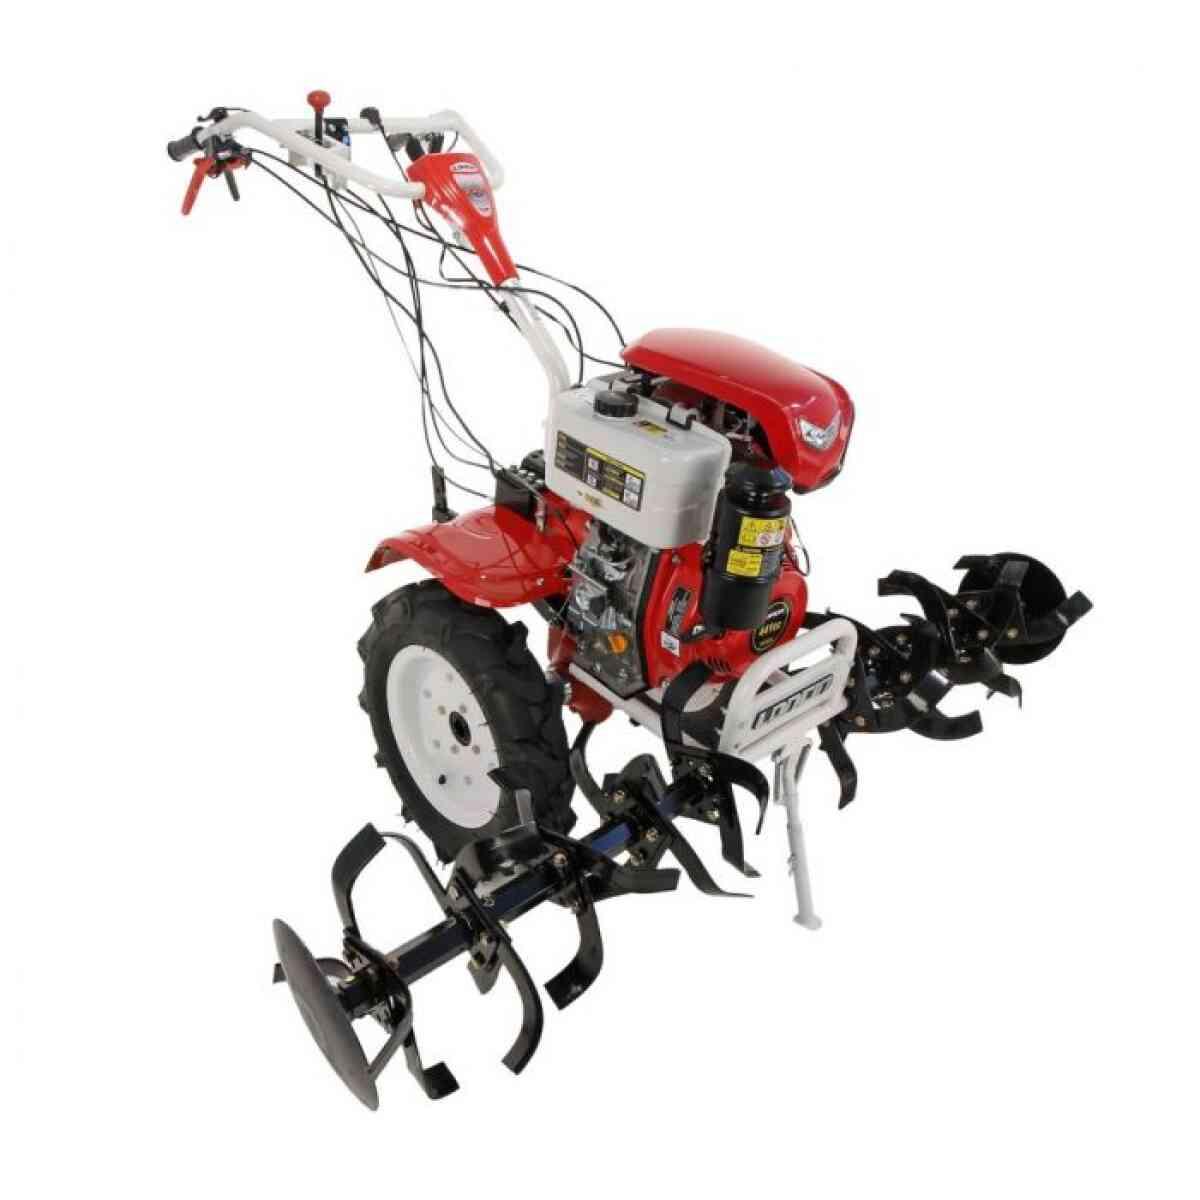 motocultor loncin lc1440 o mac.ro 1 1 1 1 1